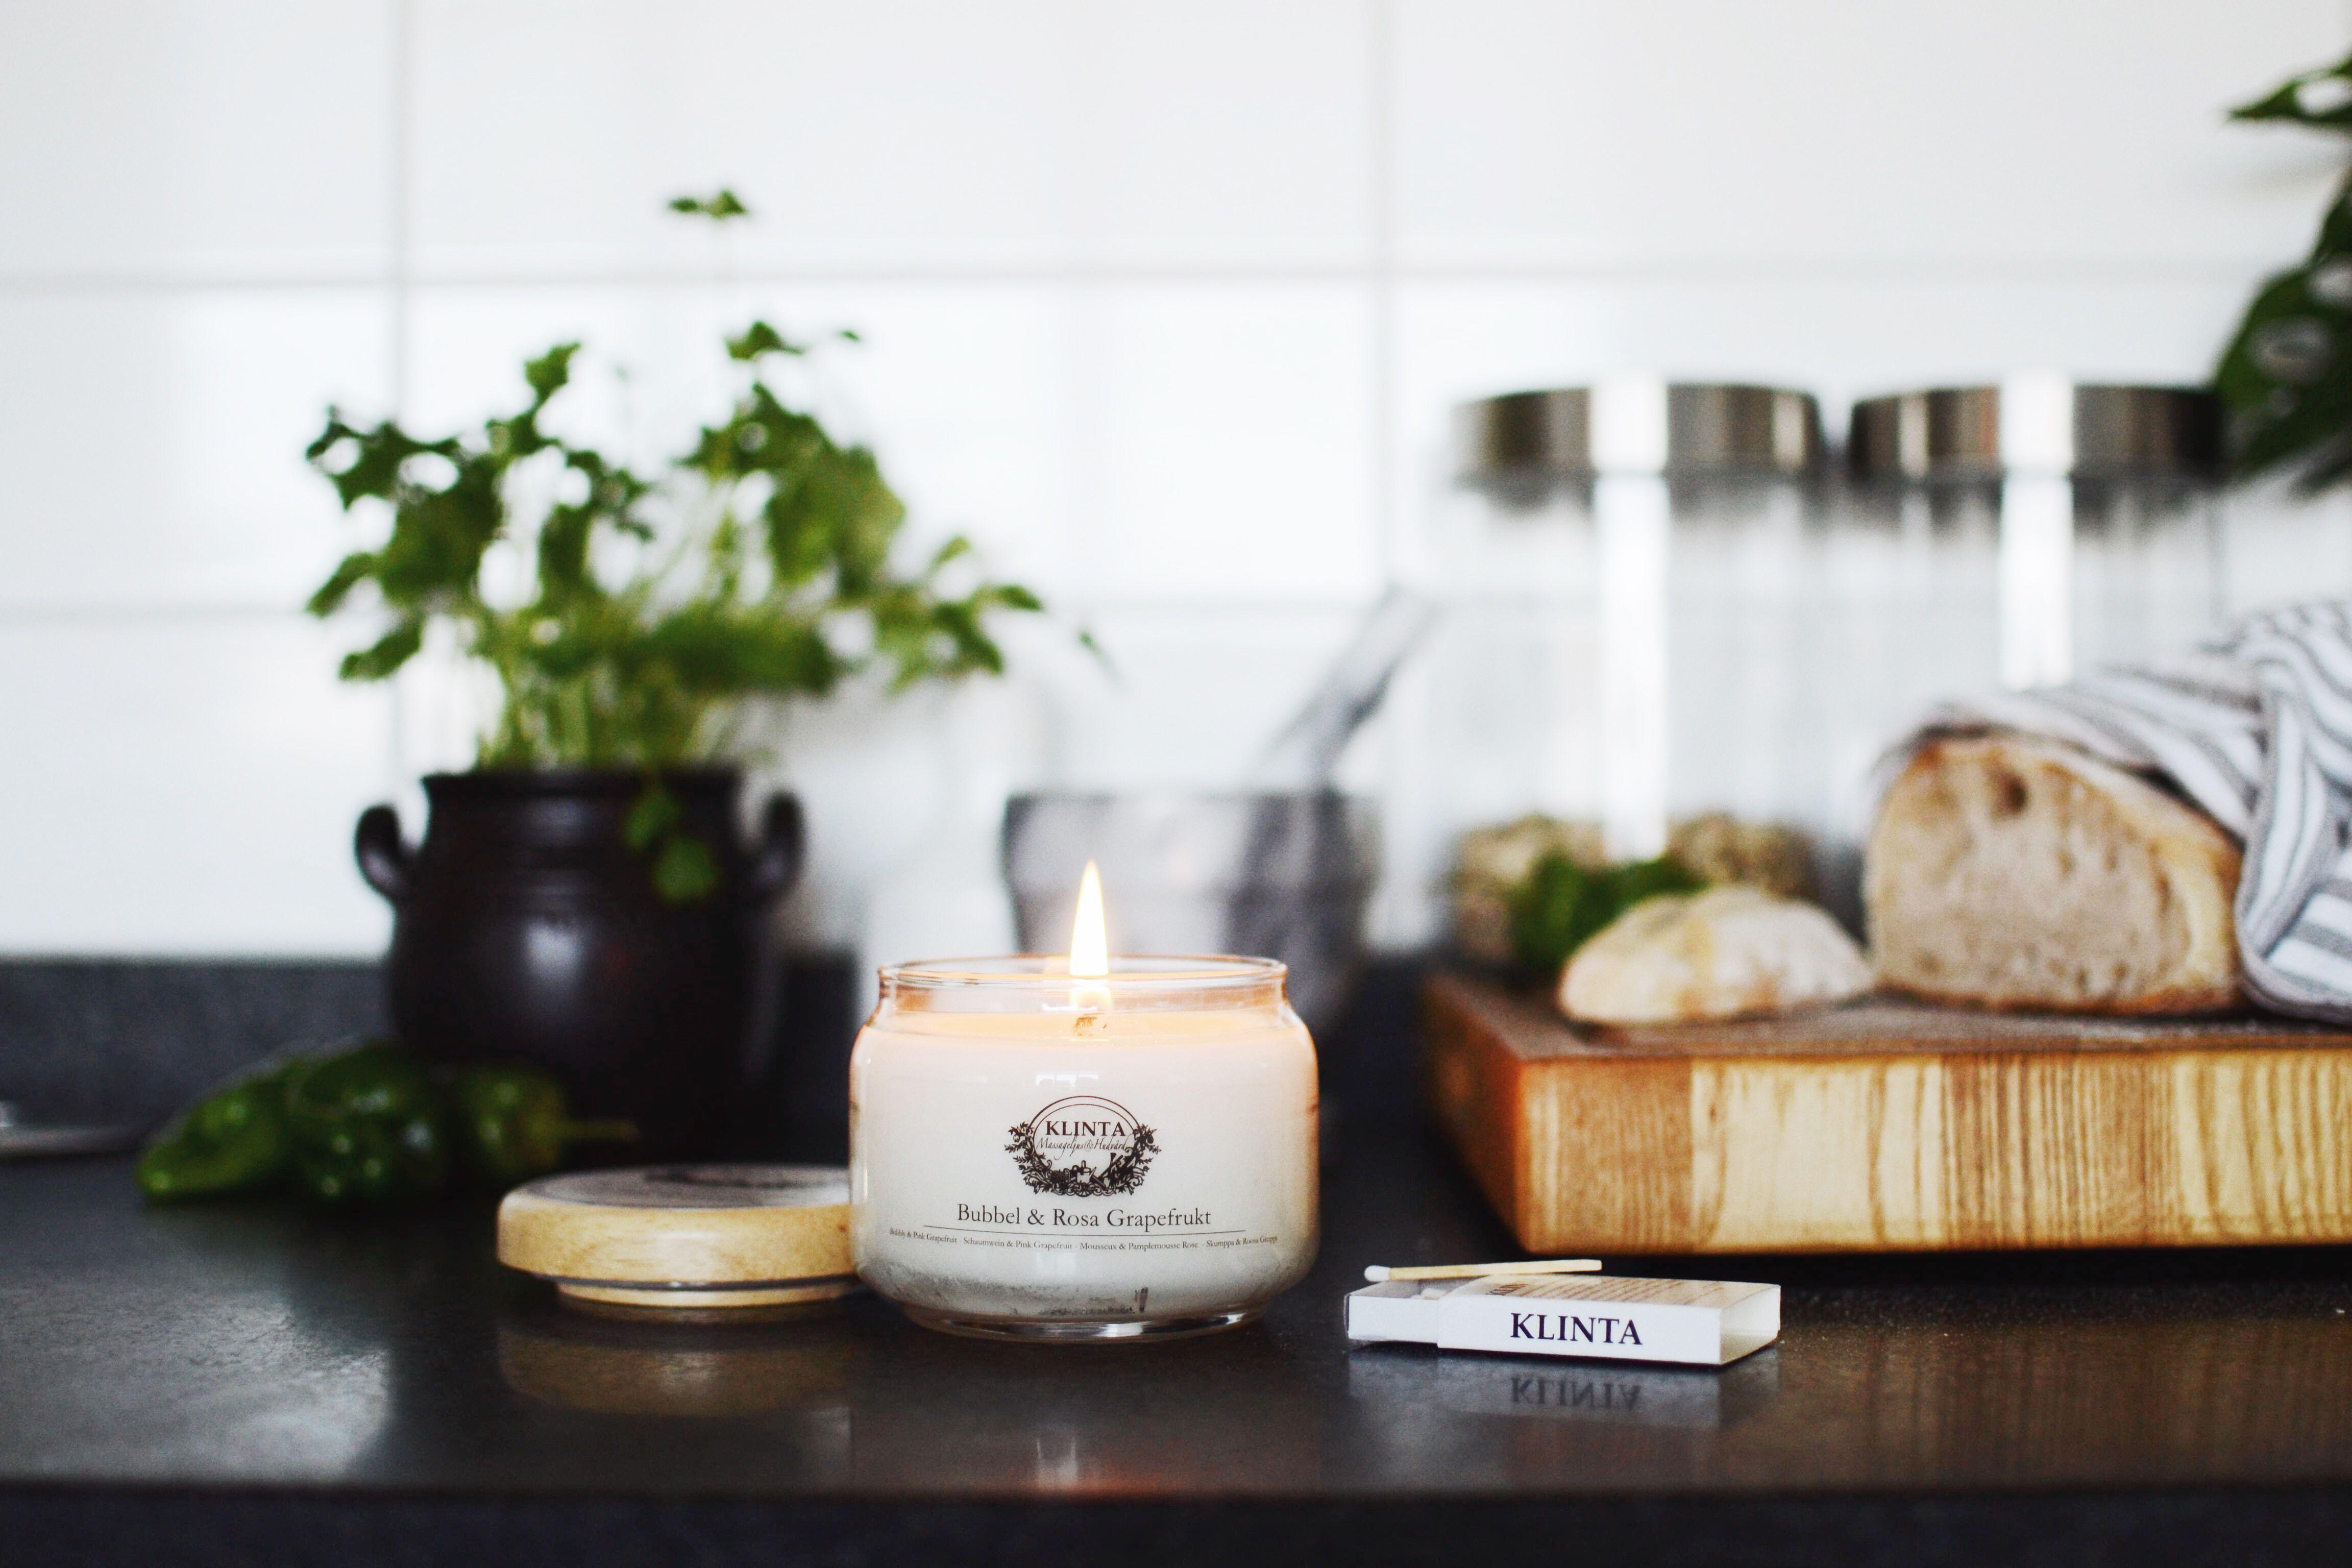 Den varma oljan som bildas när ljuset brinner kan användas som massageolja. När oljan tagit slut kan glasburken med fördel användas till inläggningar, sylter och annat gott.